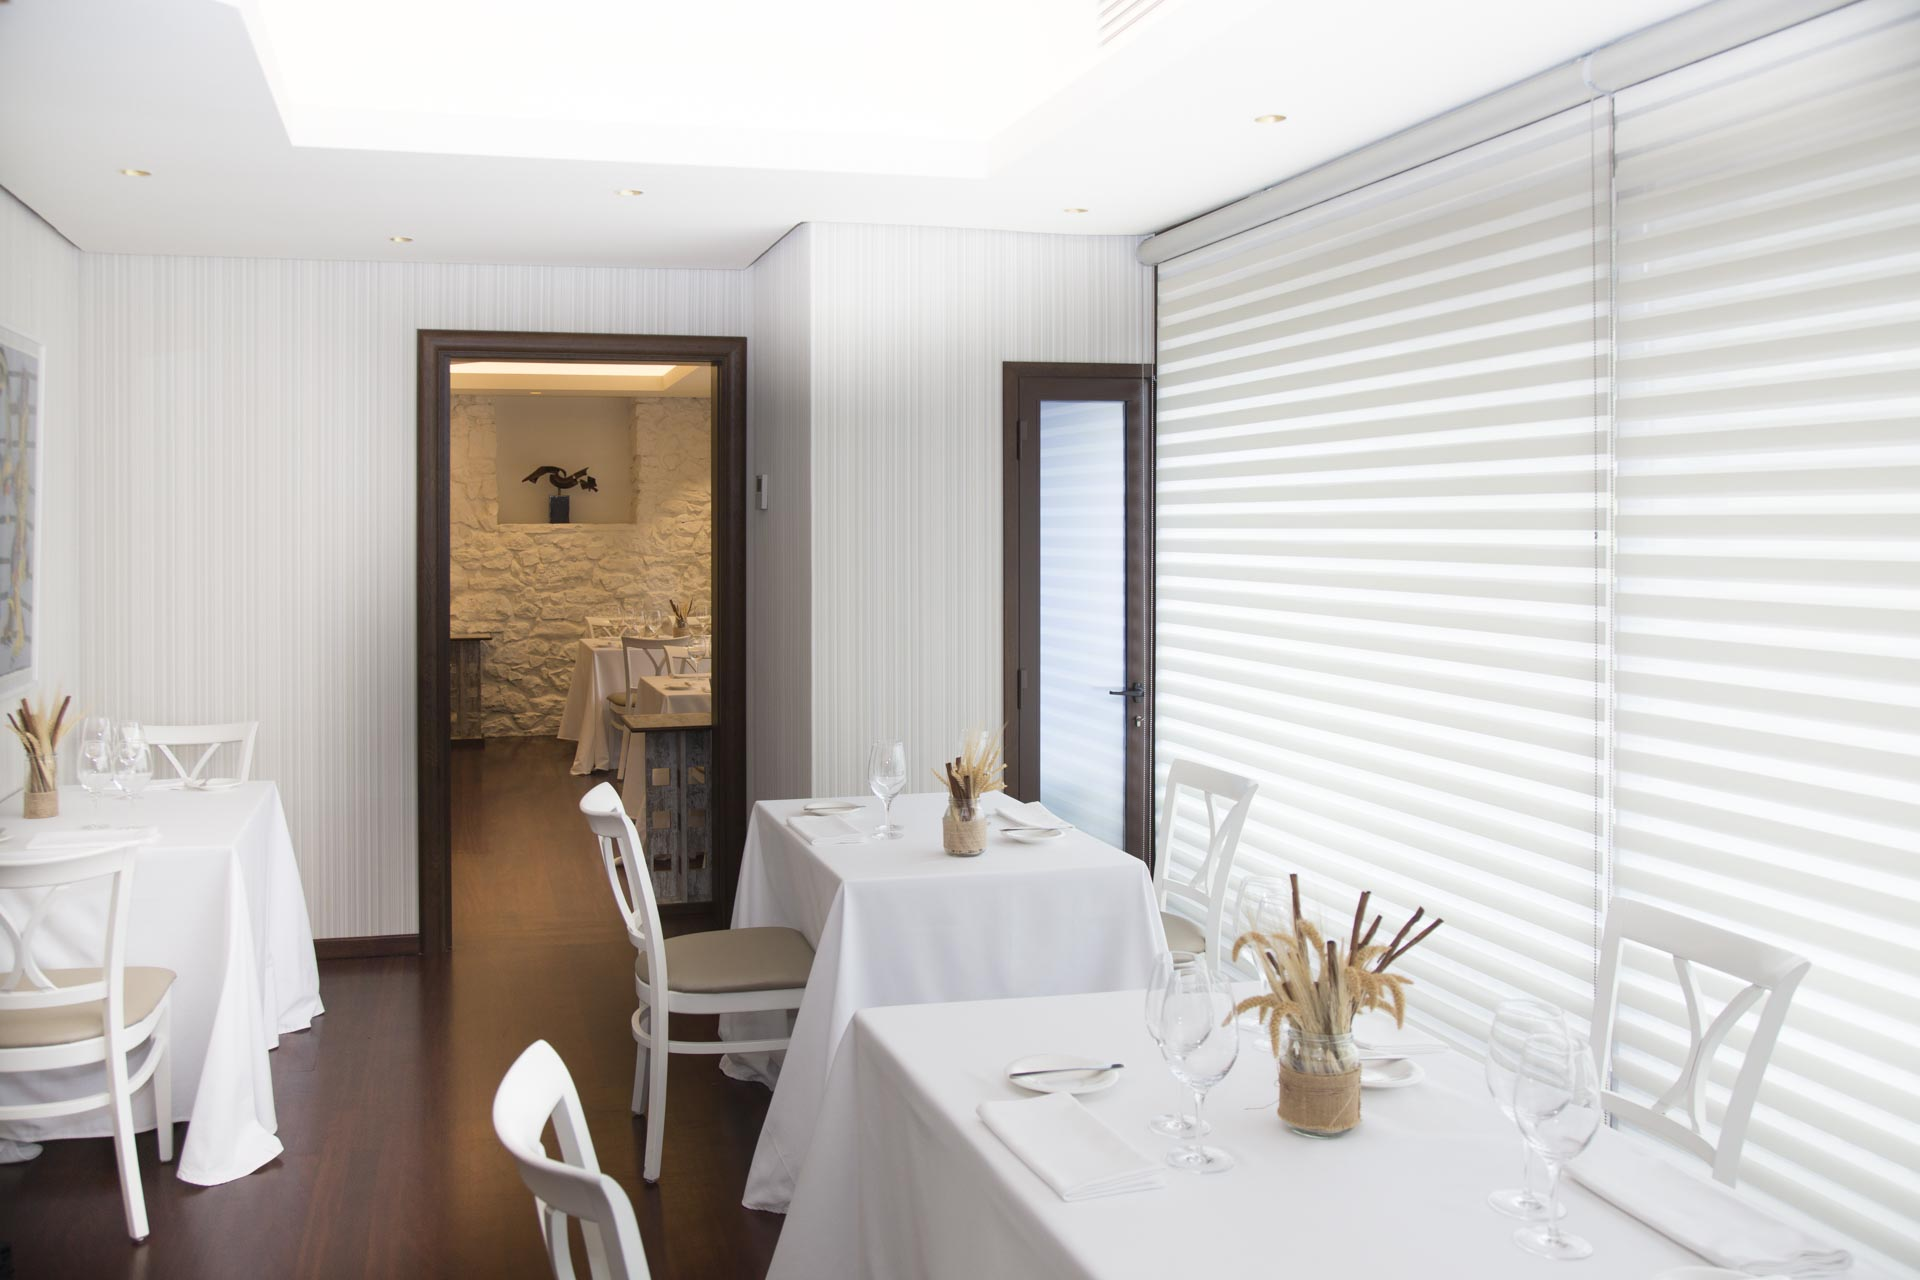 Reservas restaurante casa gerardo - Casa gerardo pedrezuela ...